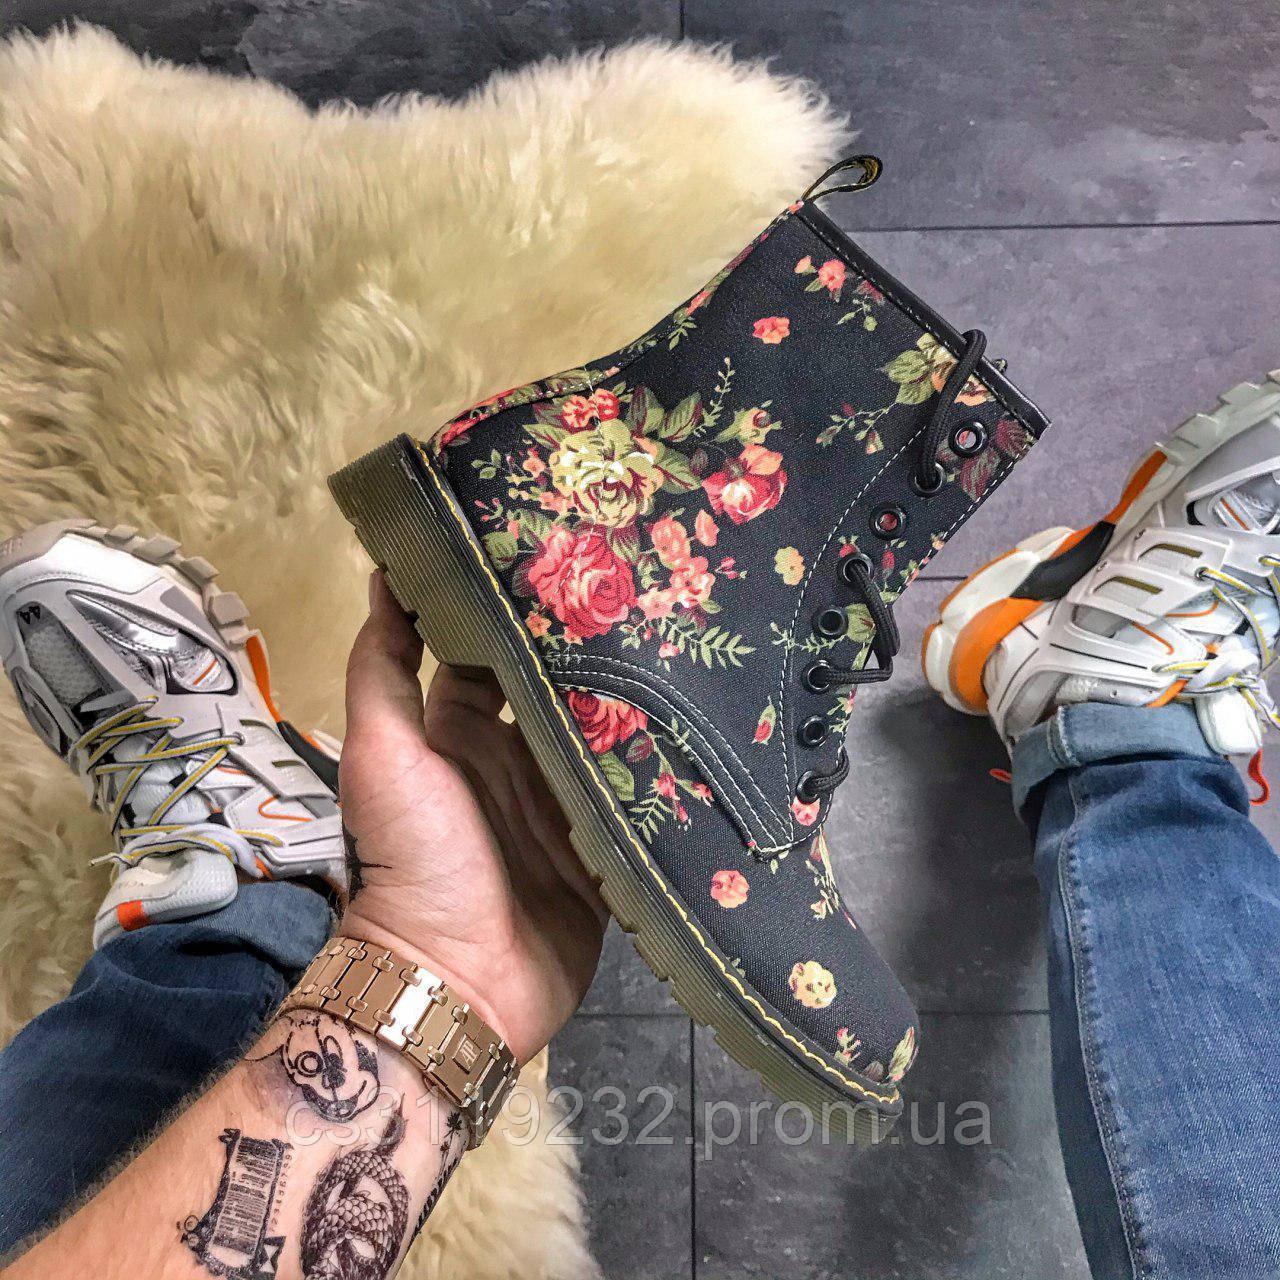 Женские ботинки Не бренд (под Dr.Martens) демисезонные (многоцветный)